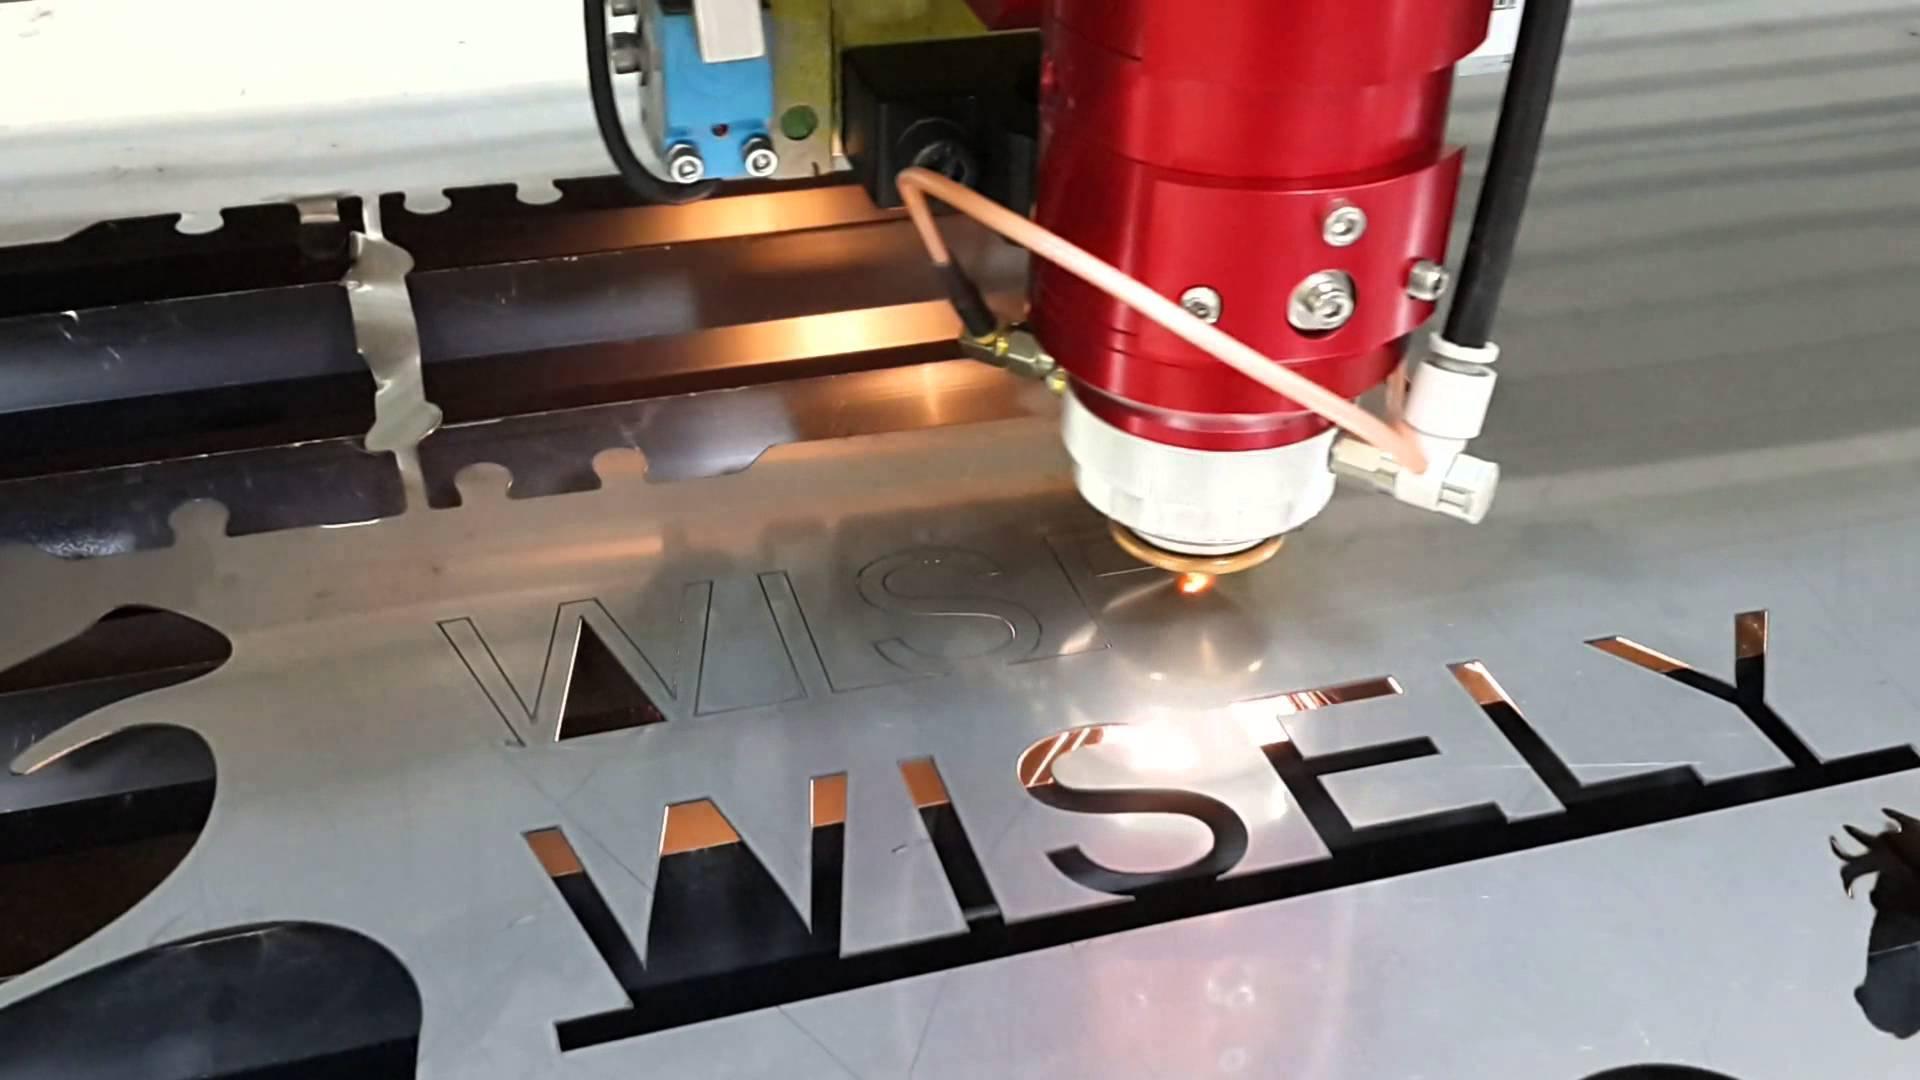 Cắt laser vải với giá rẻ, chất lượng cao với số lượng lớn tại TPHCM với giá rẻ